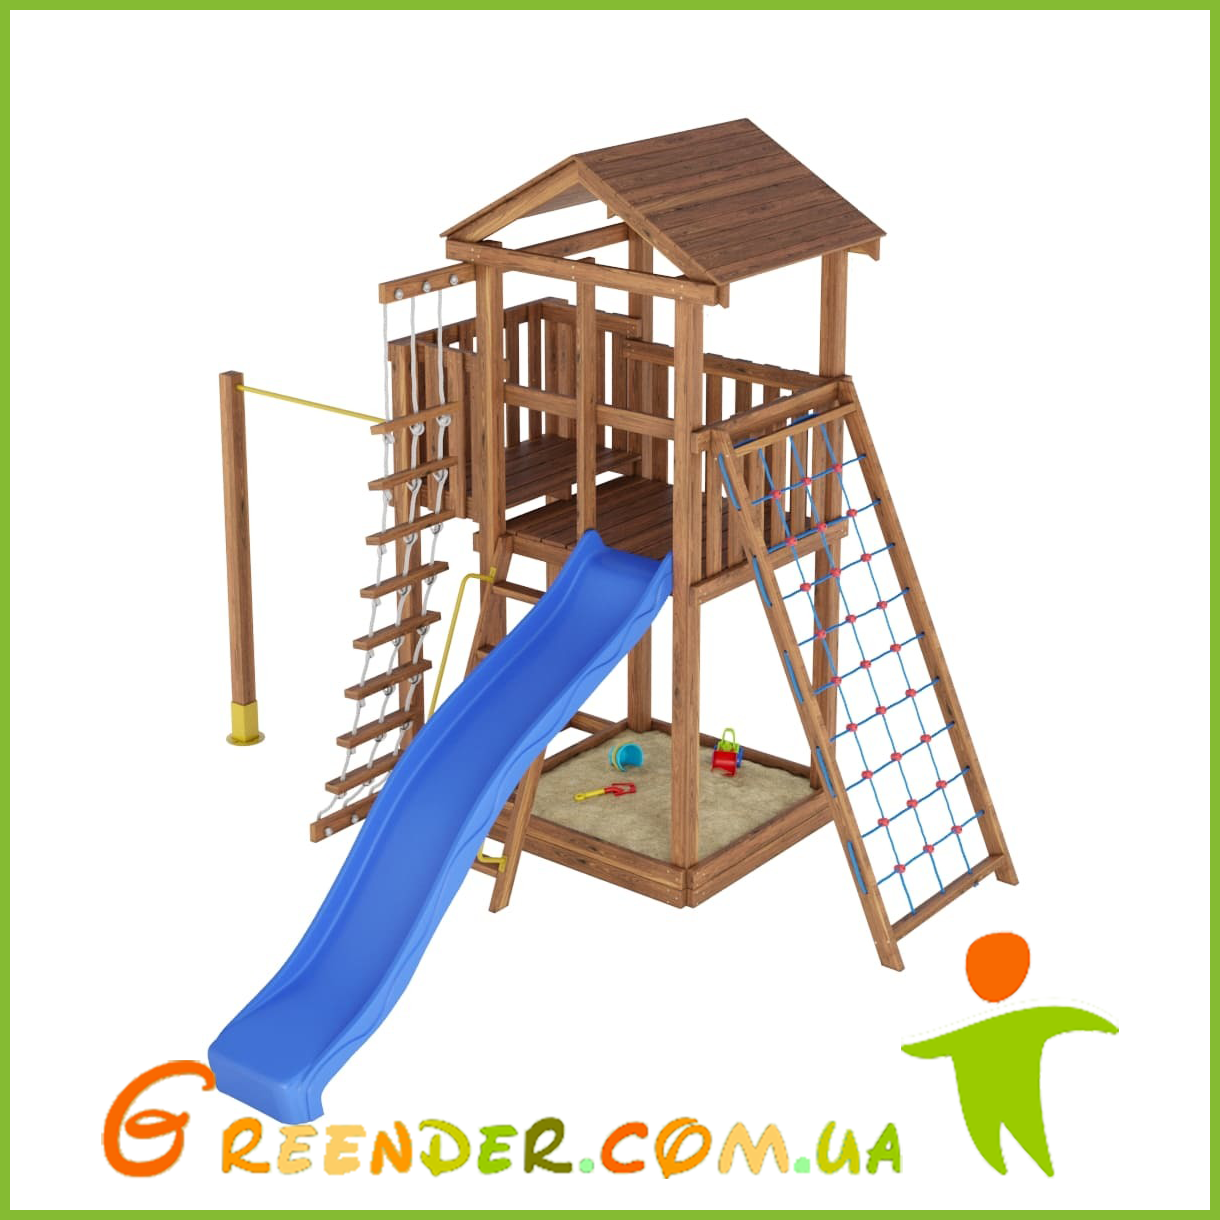 Деревянный спортивно-игровой комплекс с горкой Лидер 3